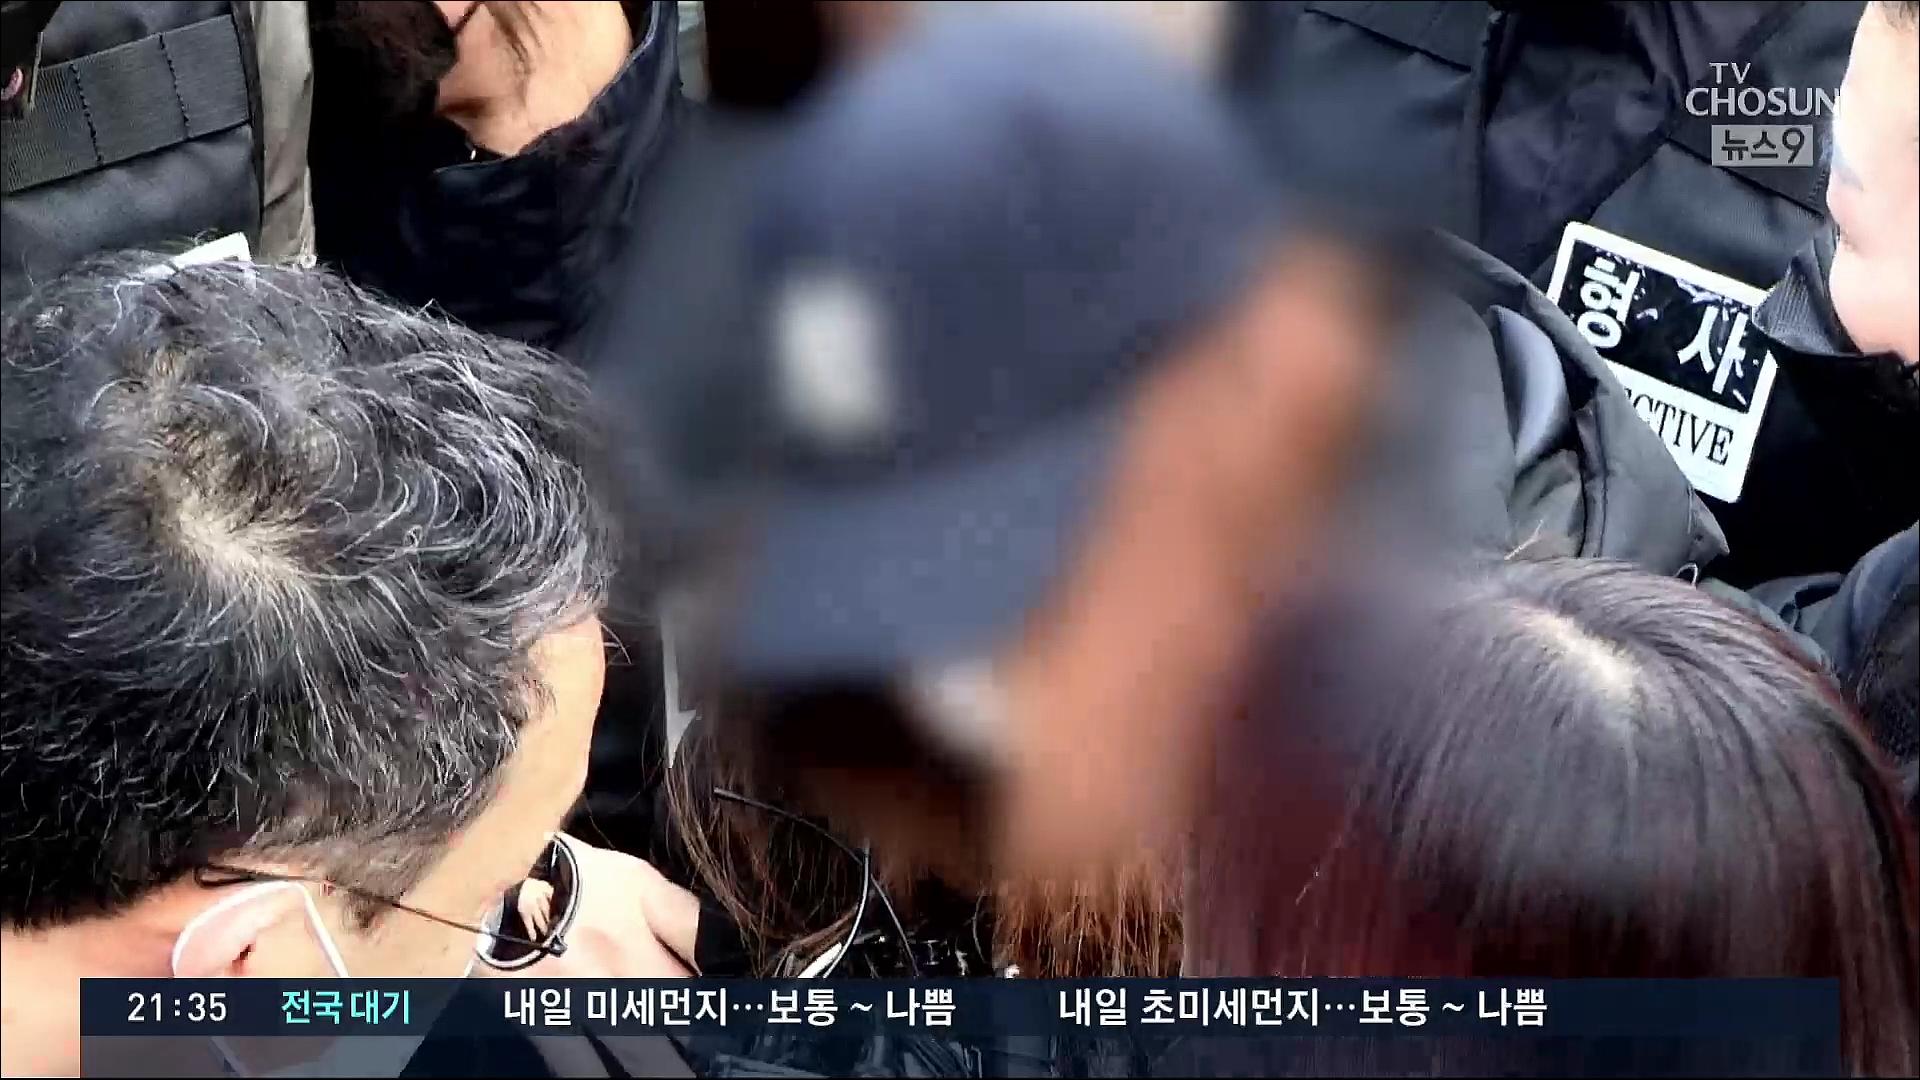 [포커스] 미궁에 빠진 '구미 여아 사건'…부실 수사? 희대의 범죄?